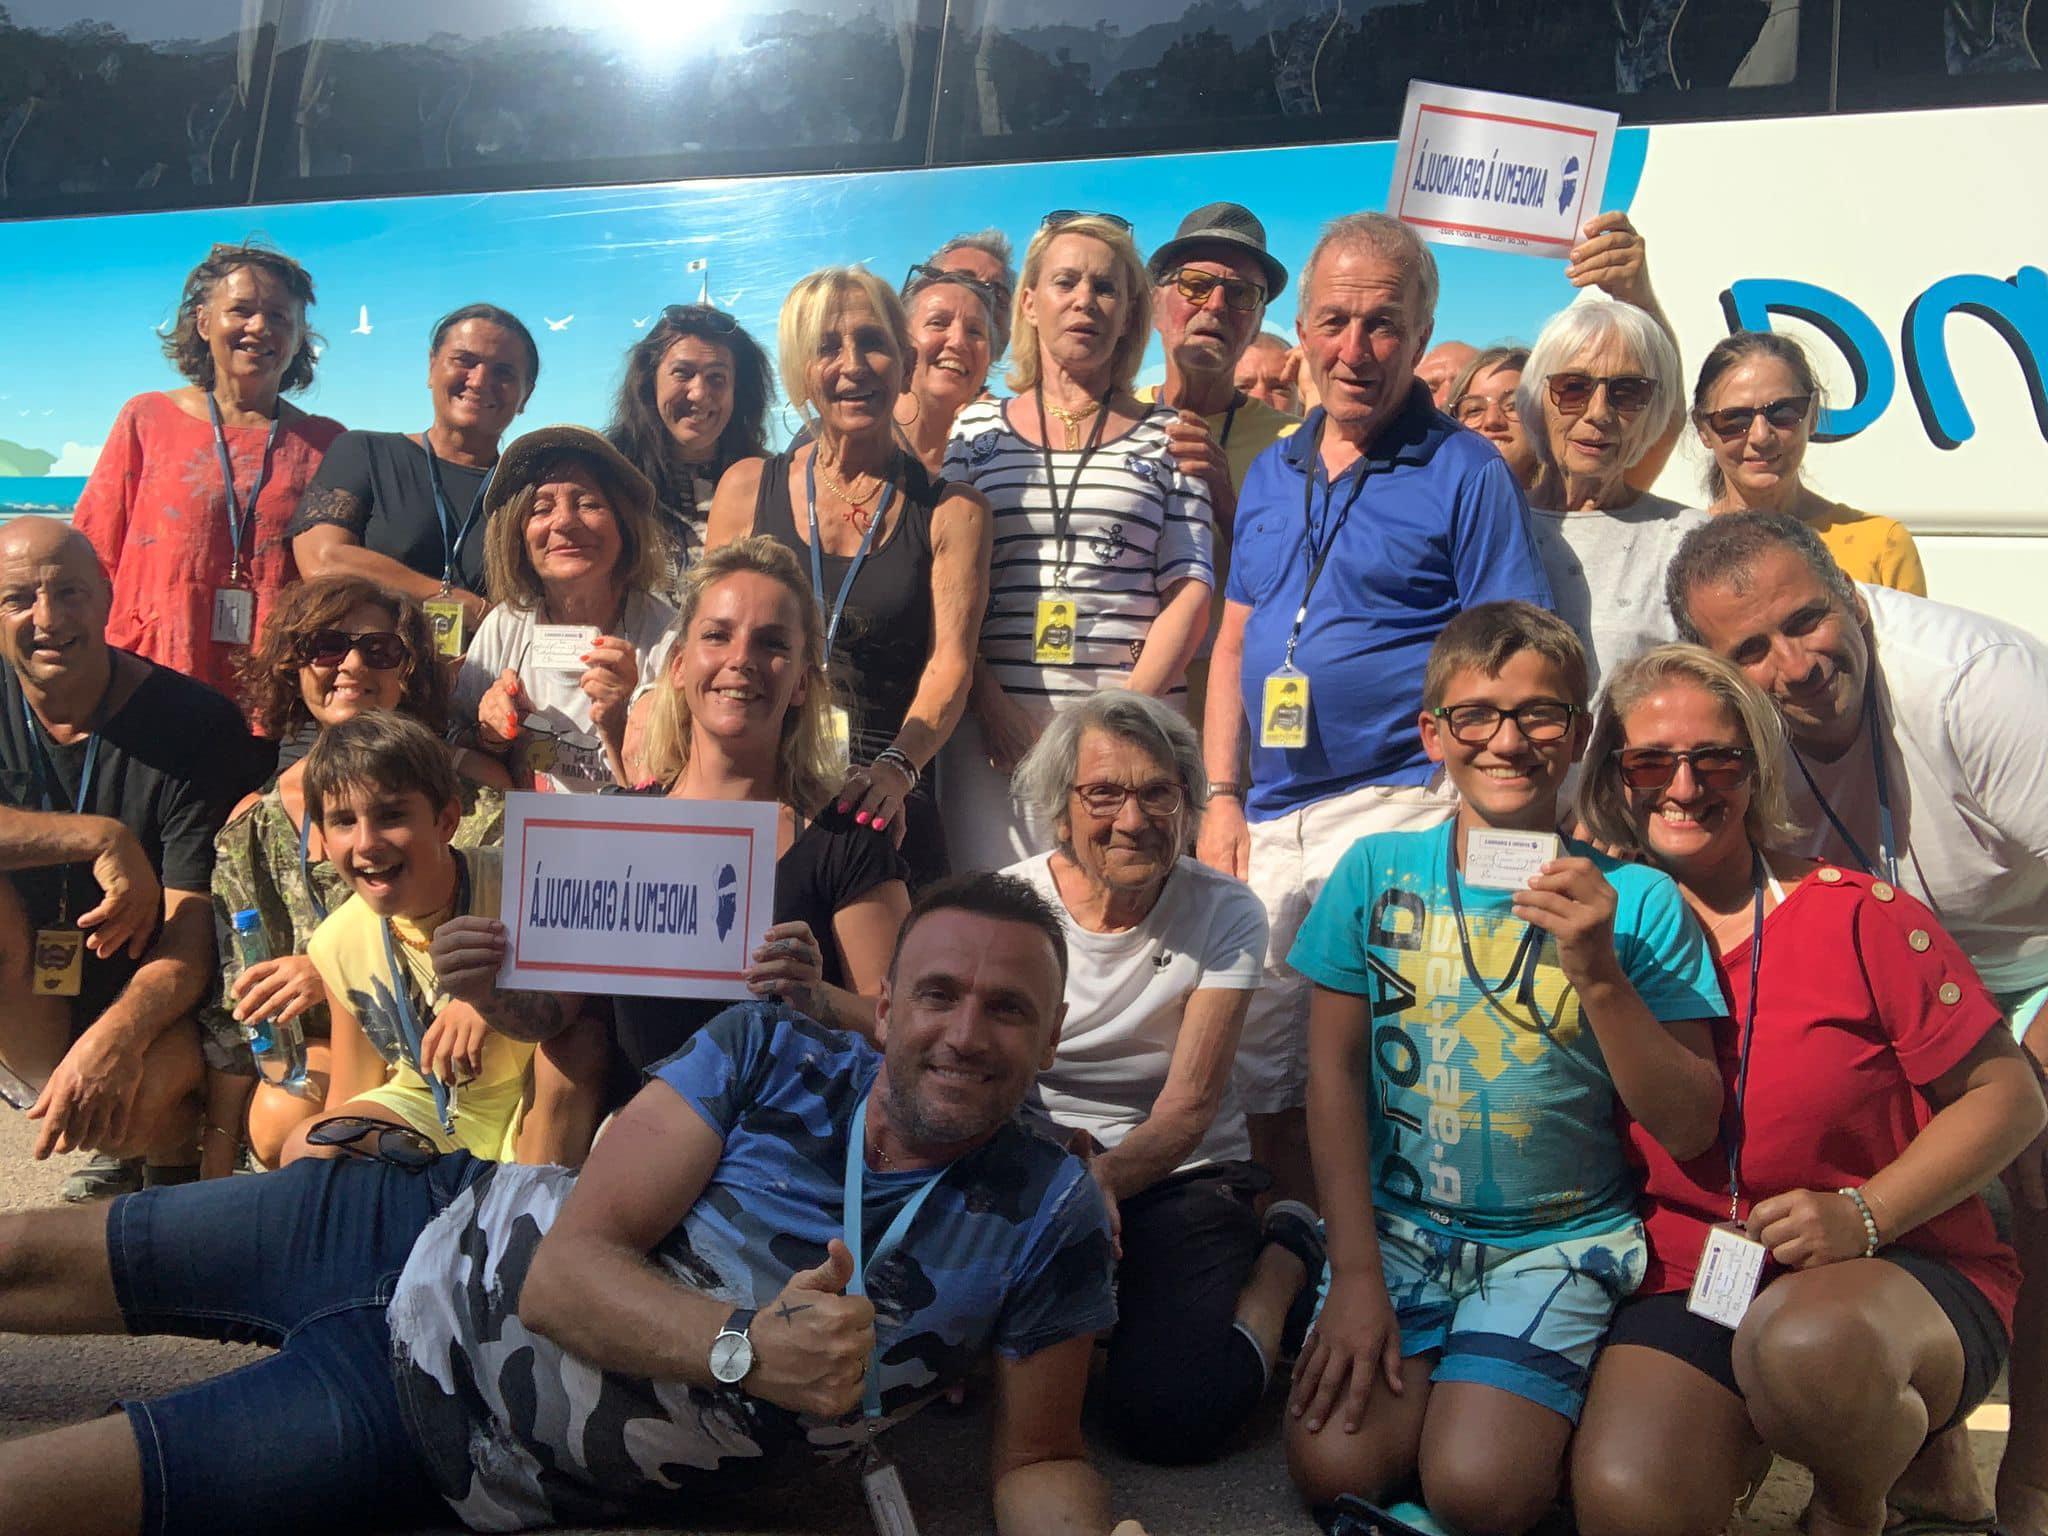 1ère sortie réussie pour Christophe Oriola, Patrice Pompei et leurs Giranduloni